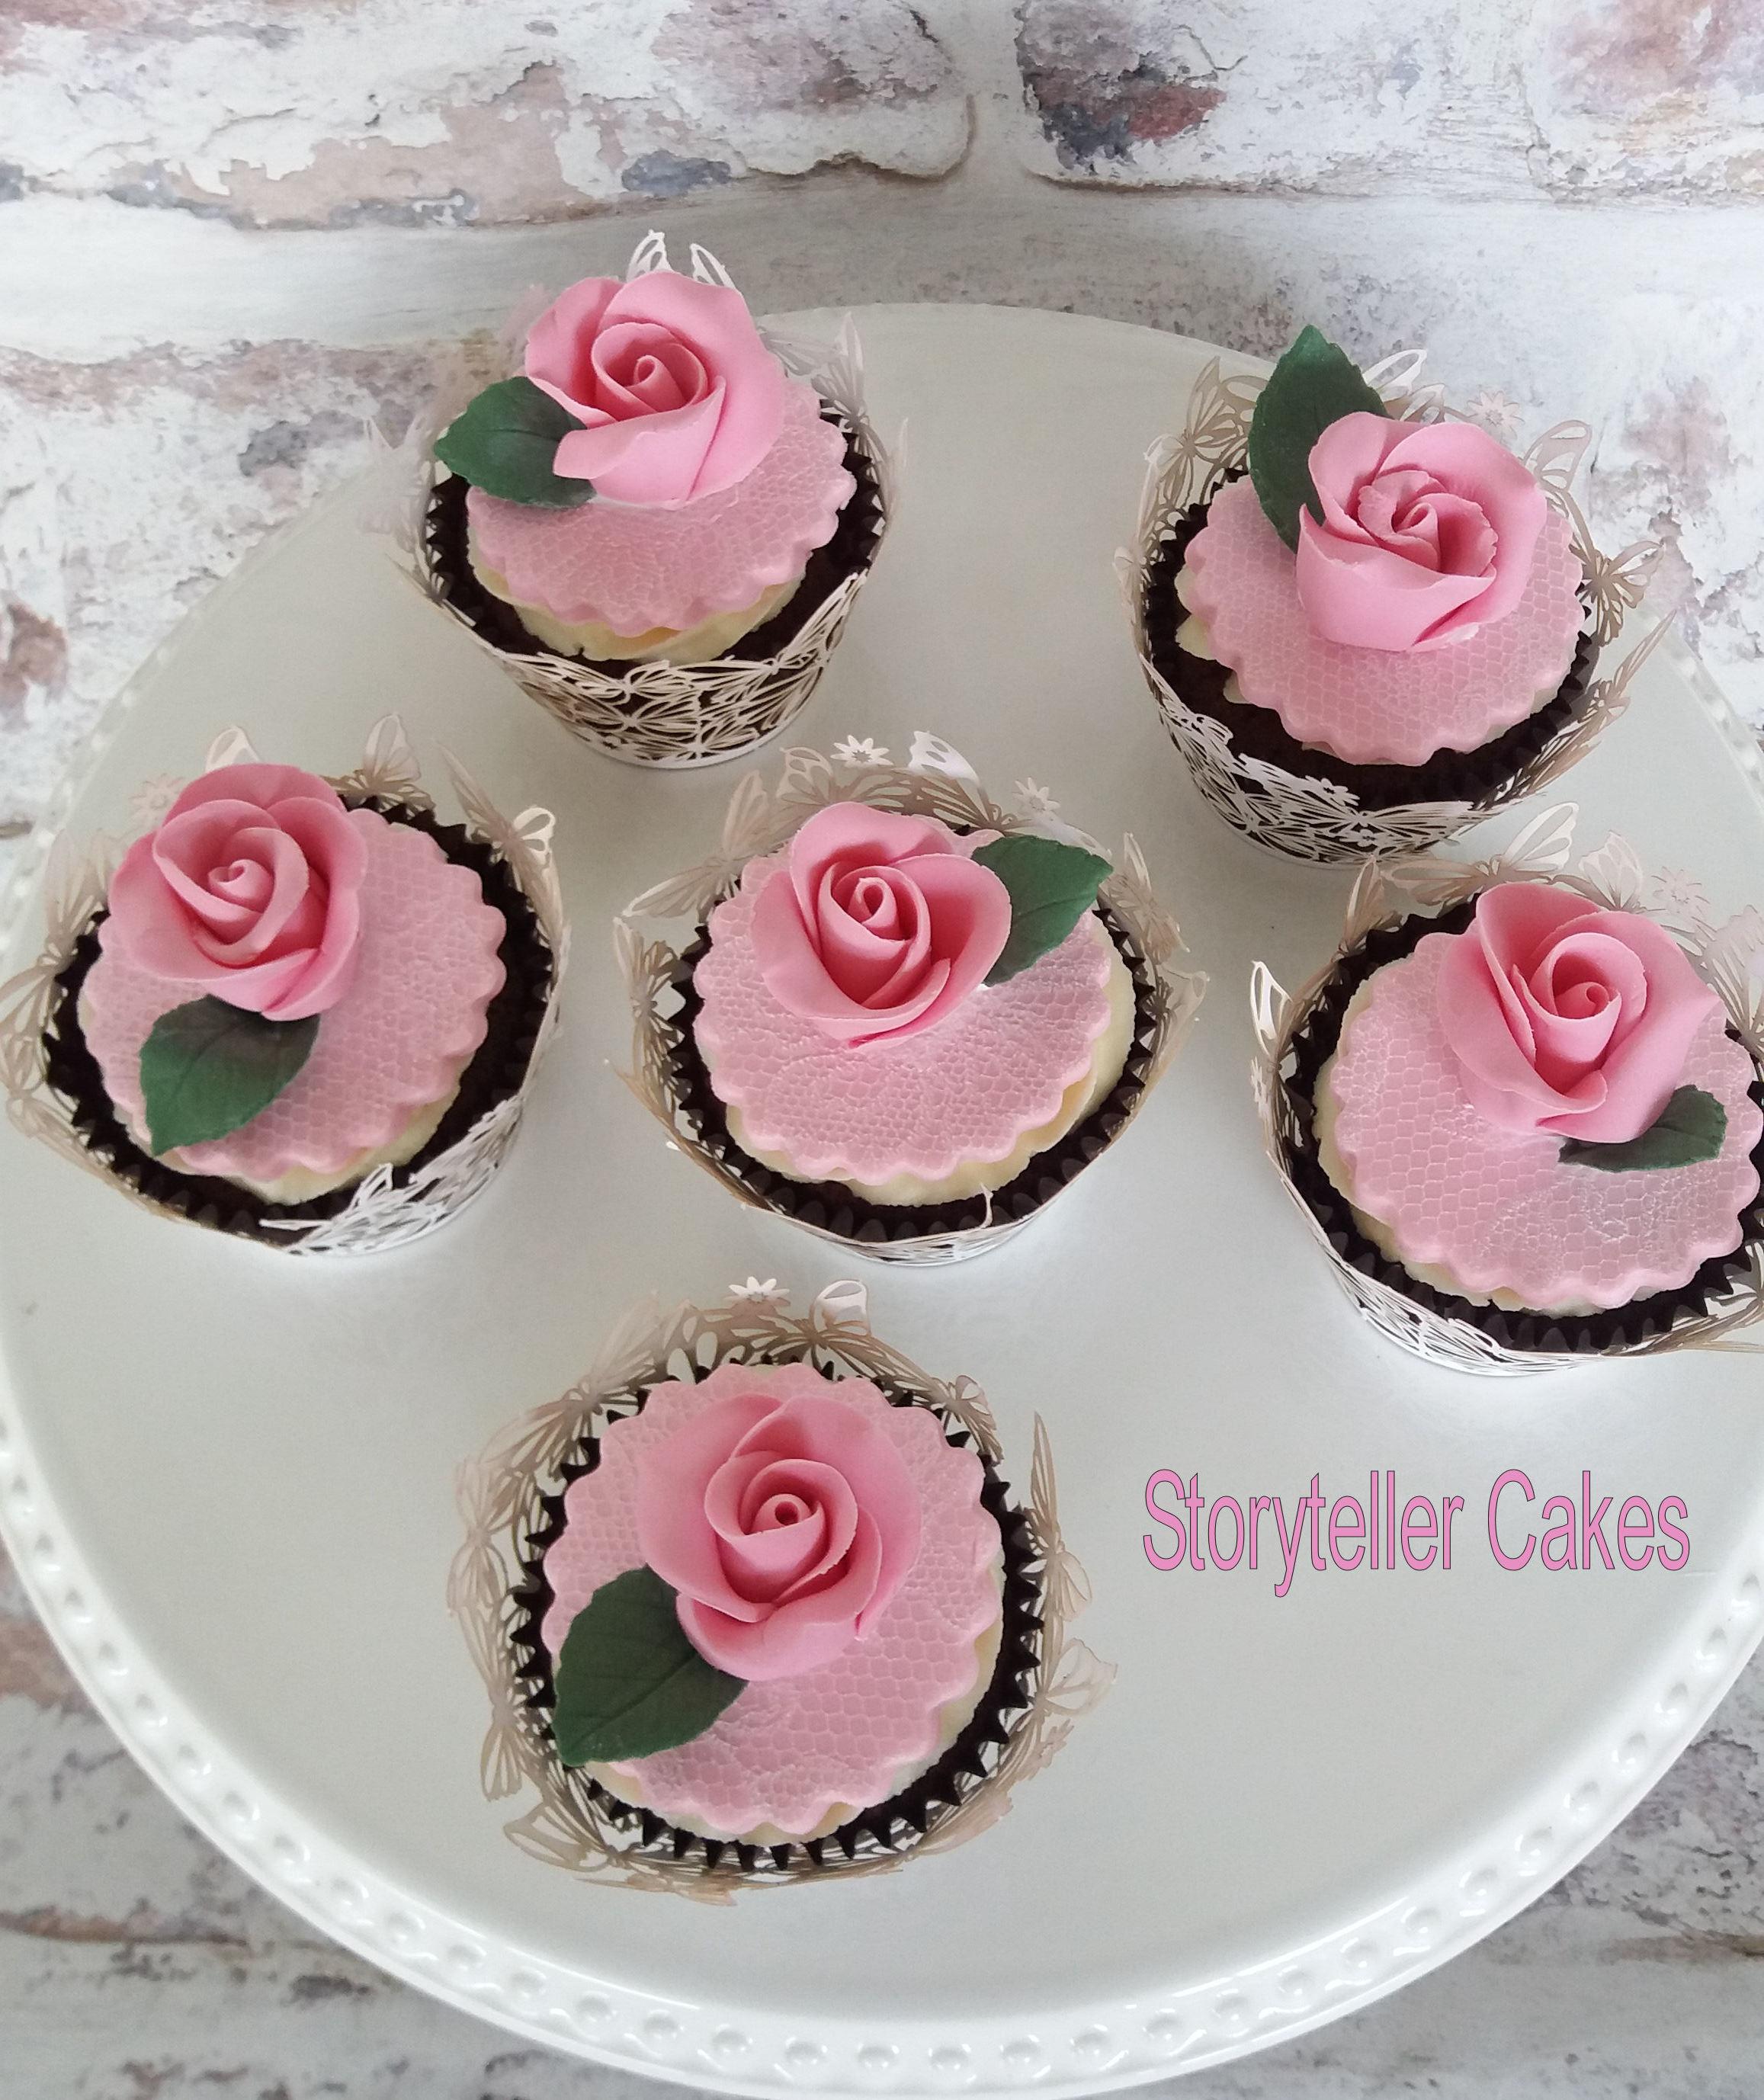 rose cupcakes3.jpg